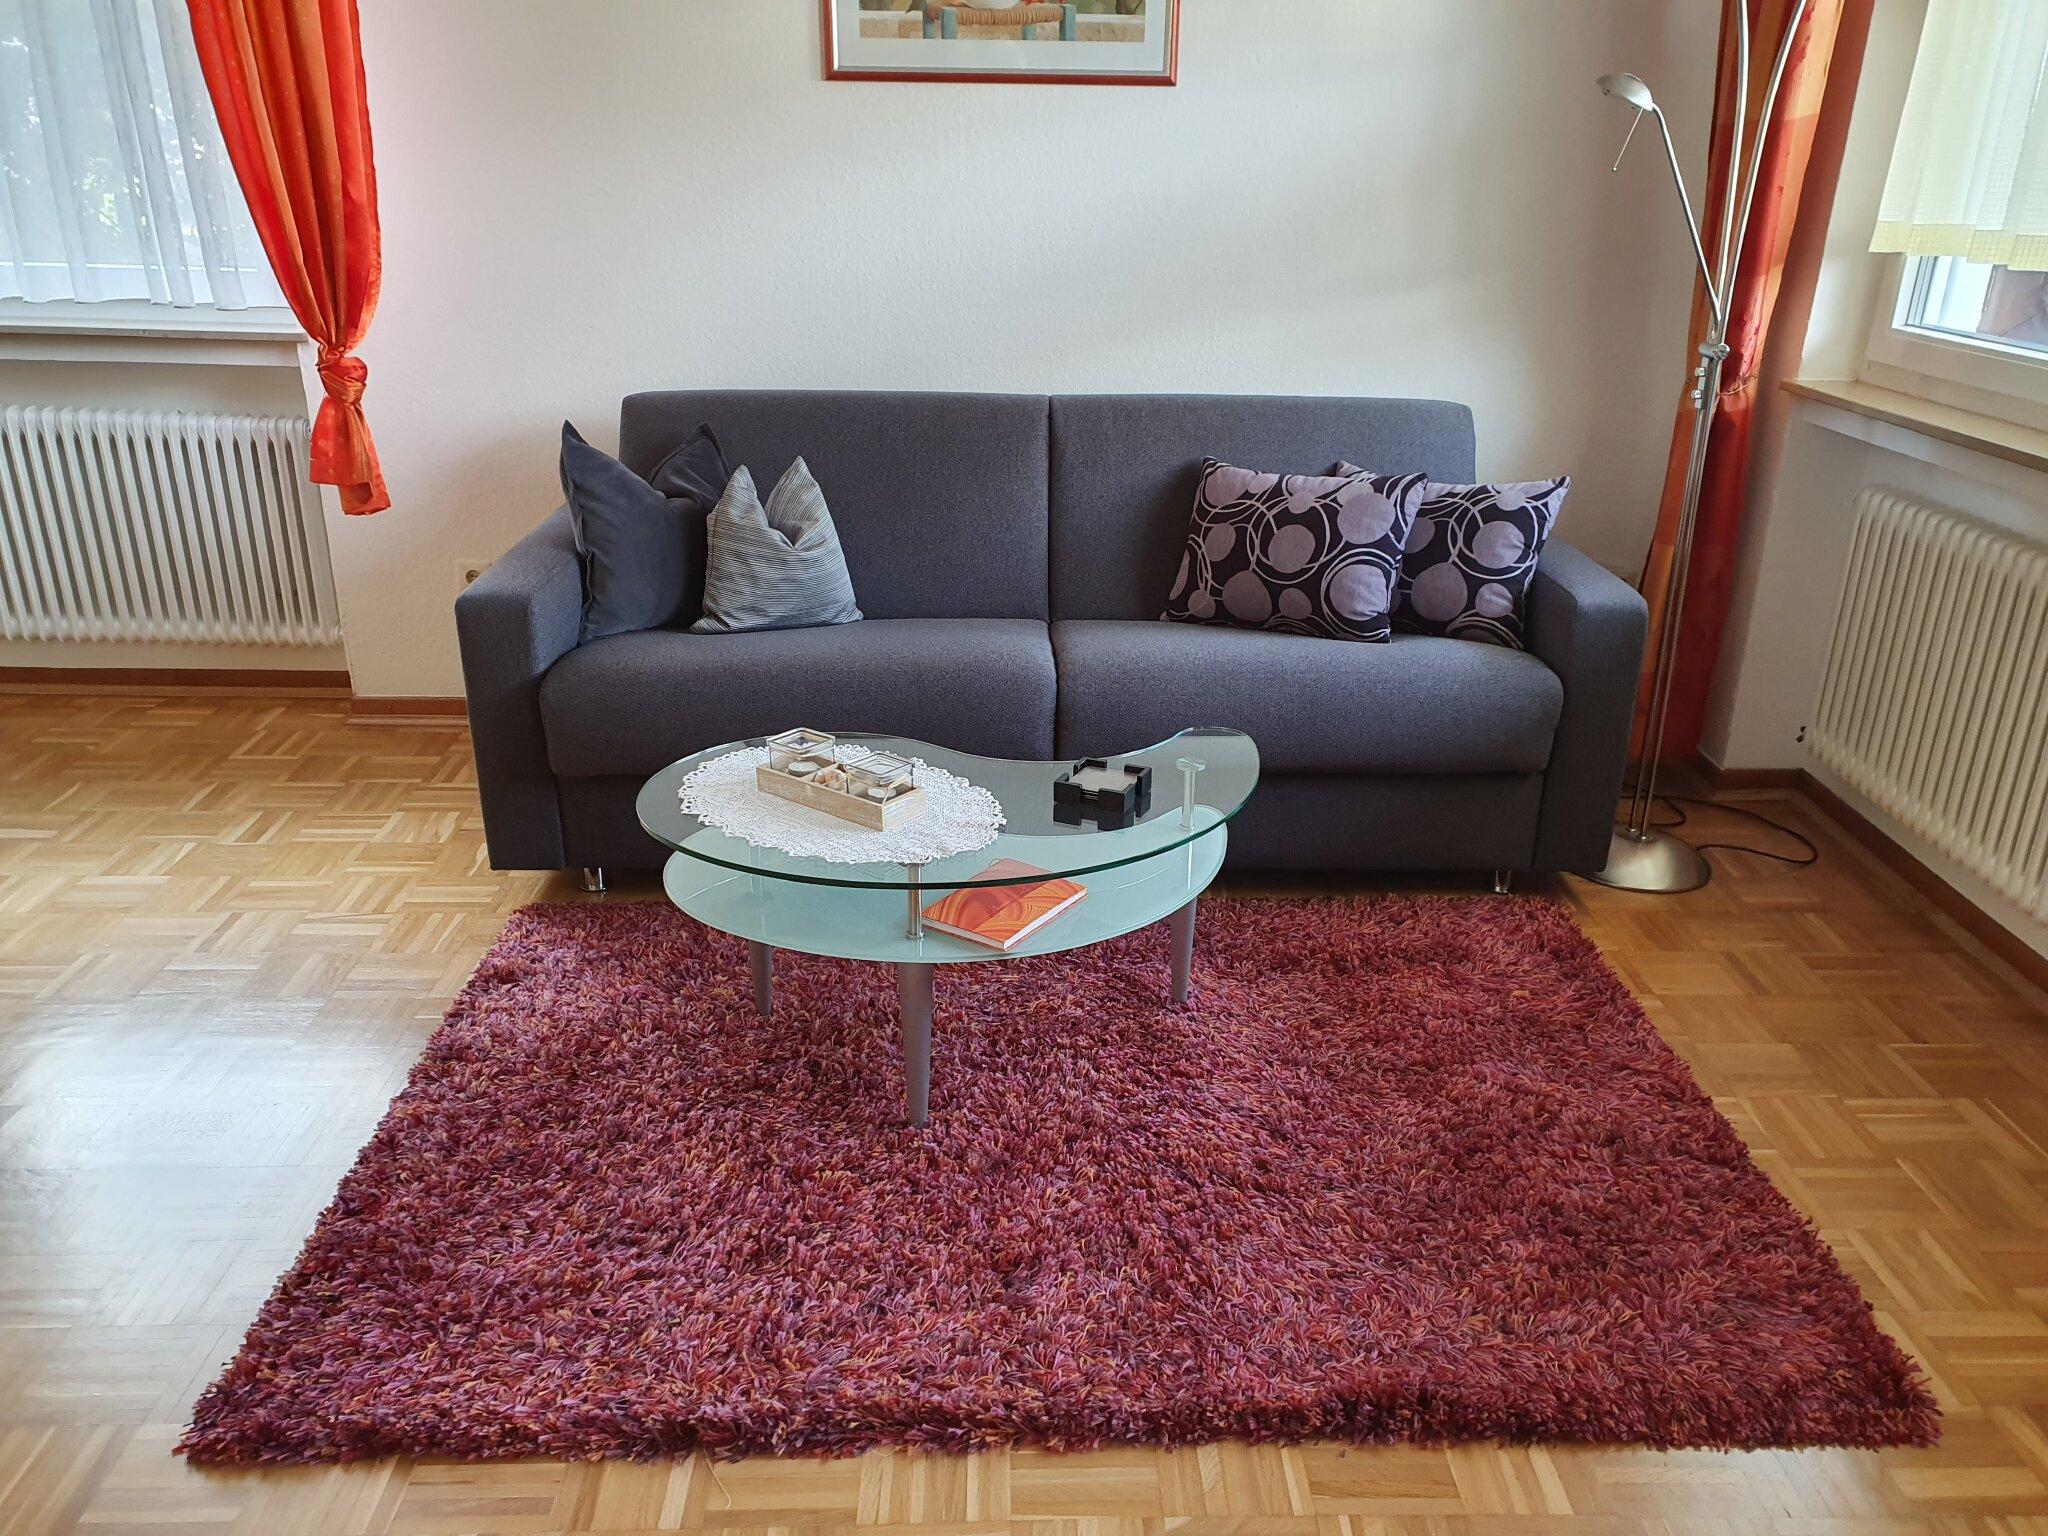 Flachbildschirm im Wohnzimmer